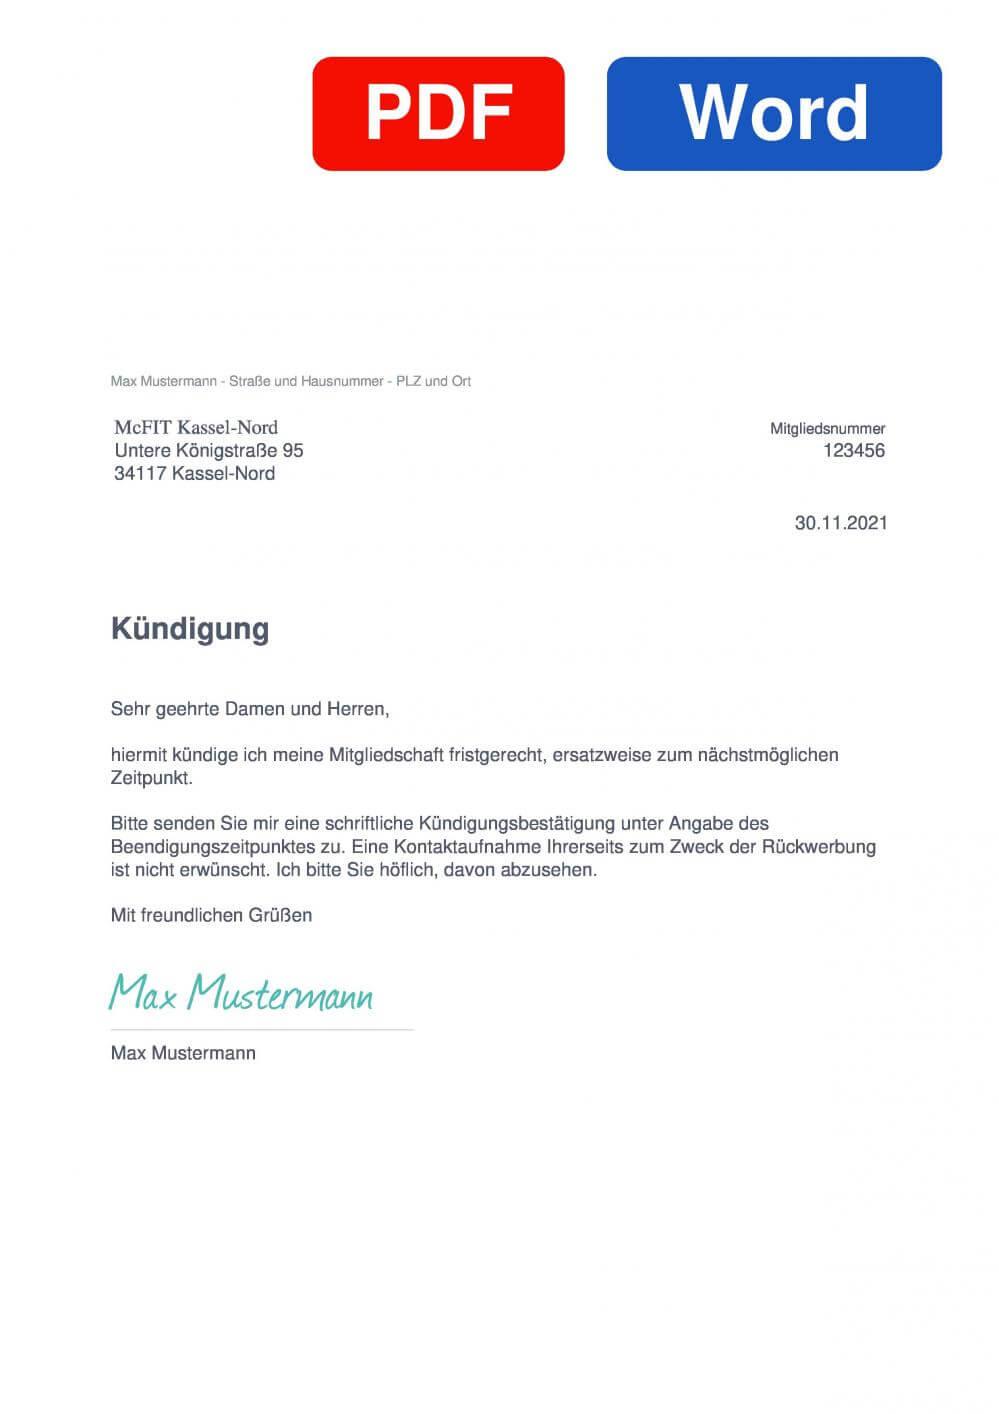 McFIT Kassel-Nord Muster Vorlage für Kündigungsschreiben